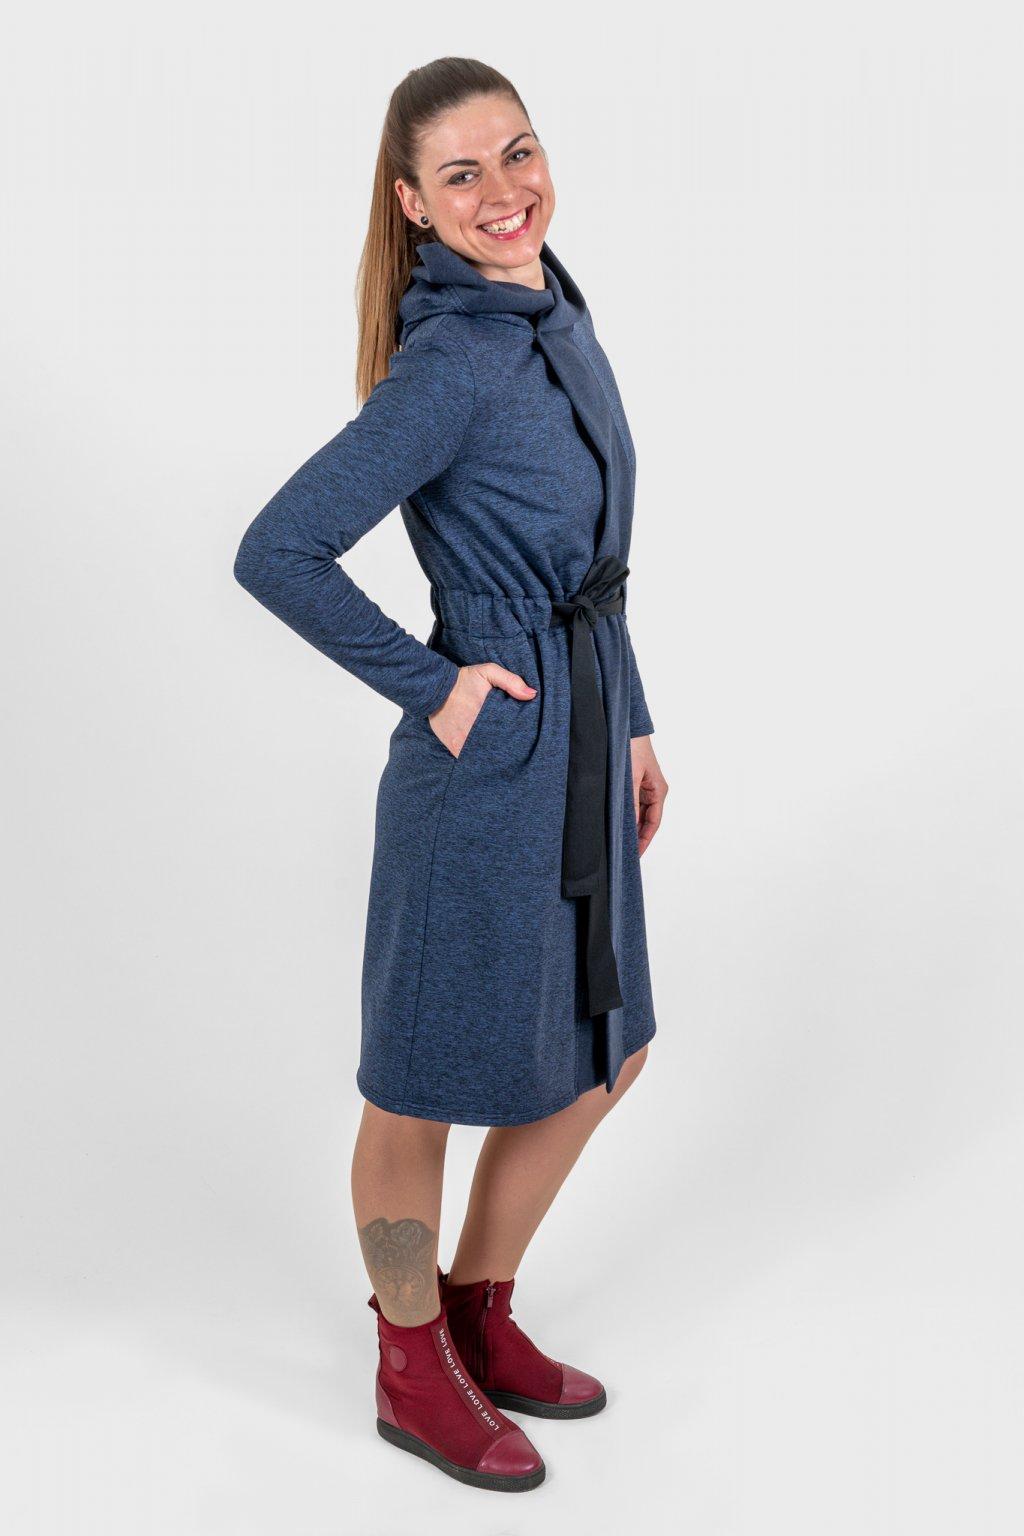 Dámský mikinokabátek modrý dlouhý s kapucí, légou, páskem a dlouhými rukávy s chloupkem Goci